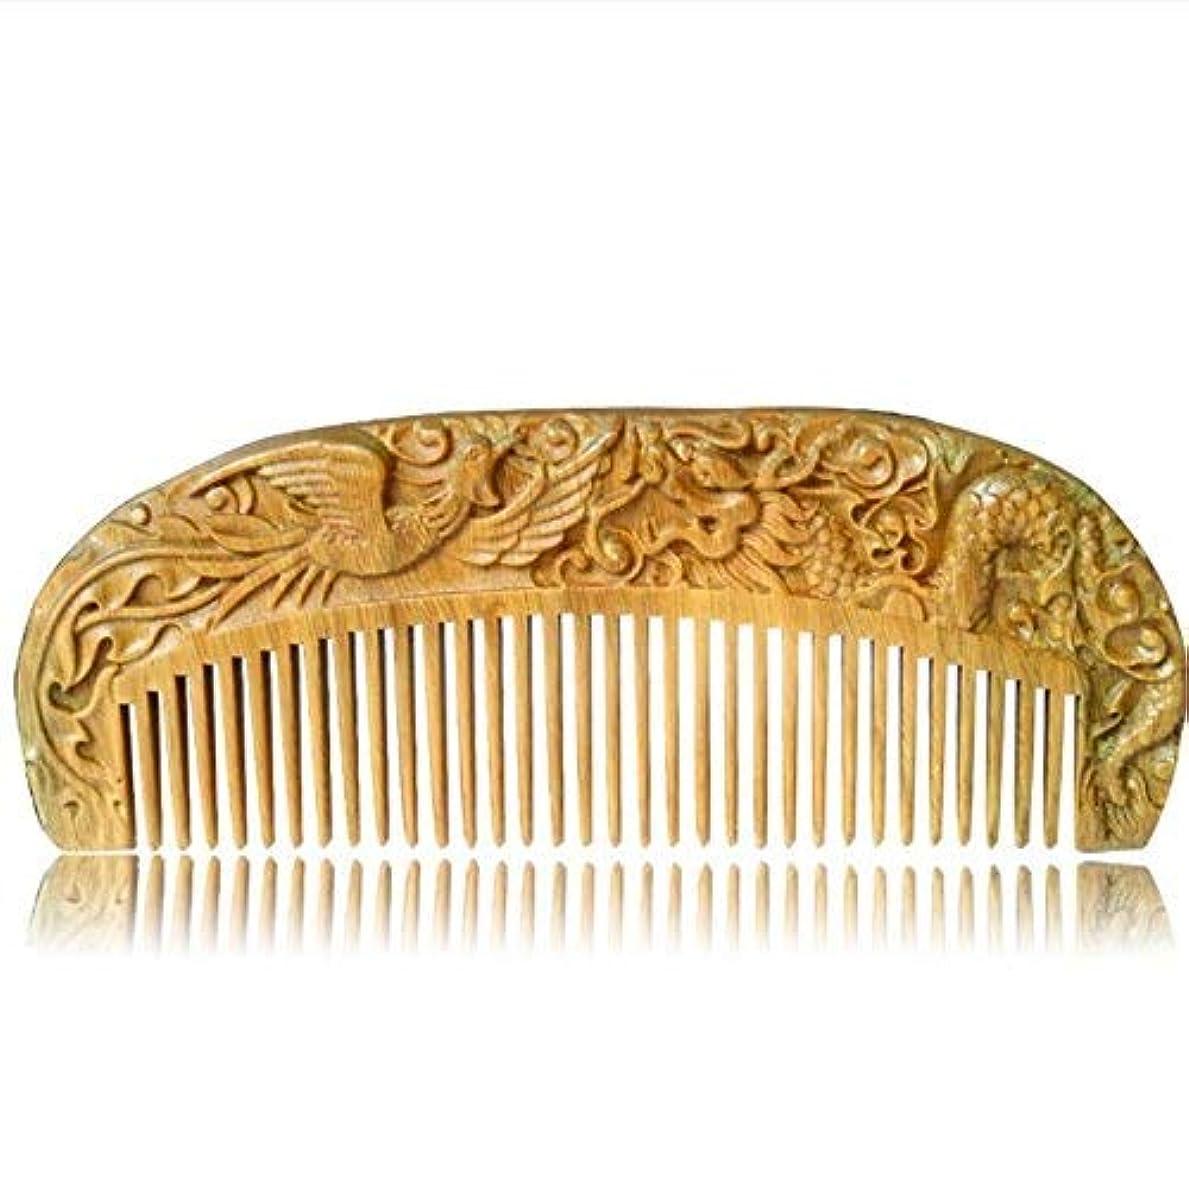 ためらう付添人呼ぶHandmade Carved Natural Sandalwood Hair Comb - Anti-Static Sandalwood Hair Comb Beard Brush Rake Comb Handmade...